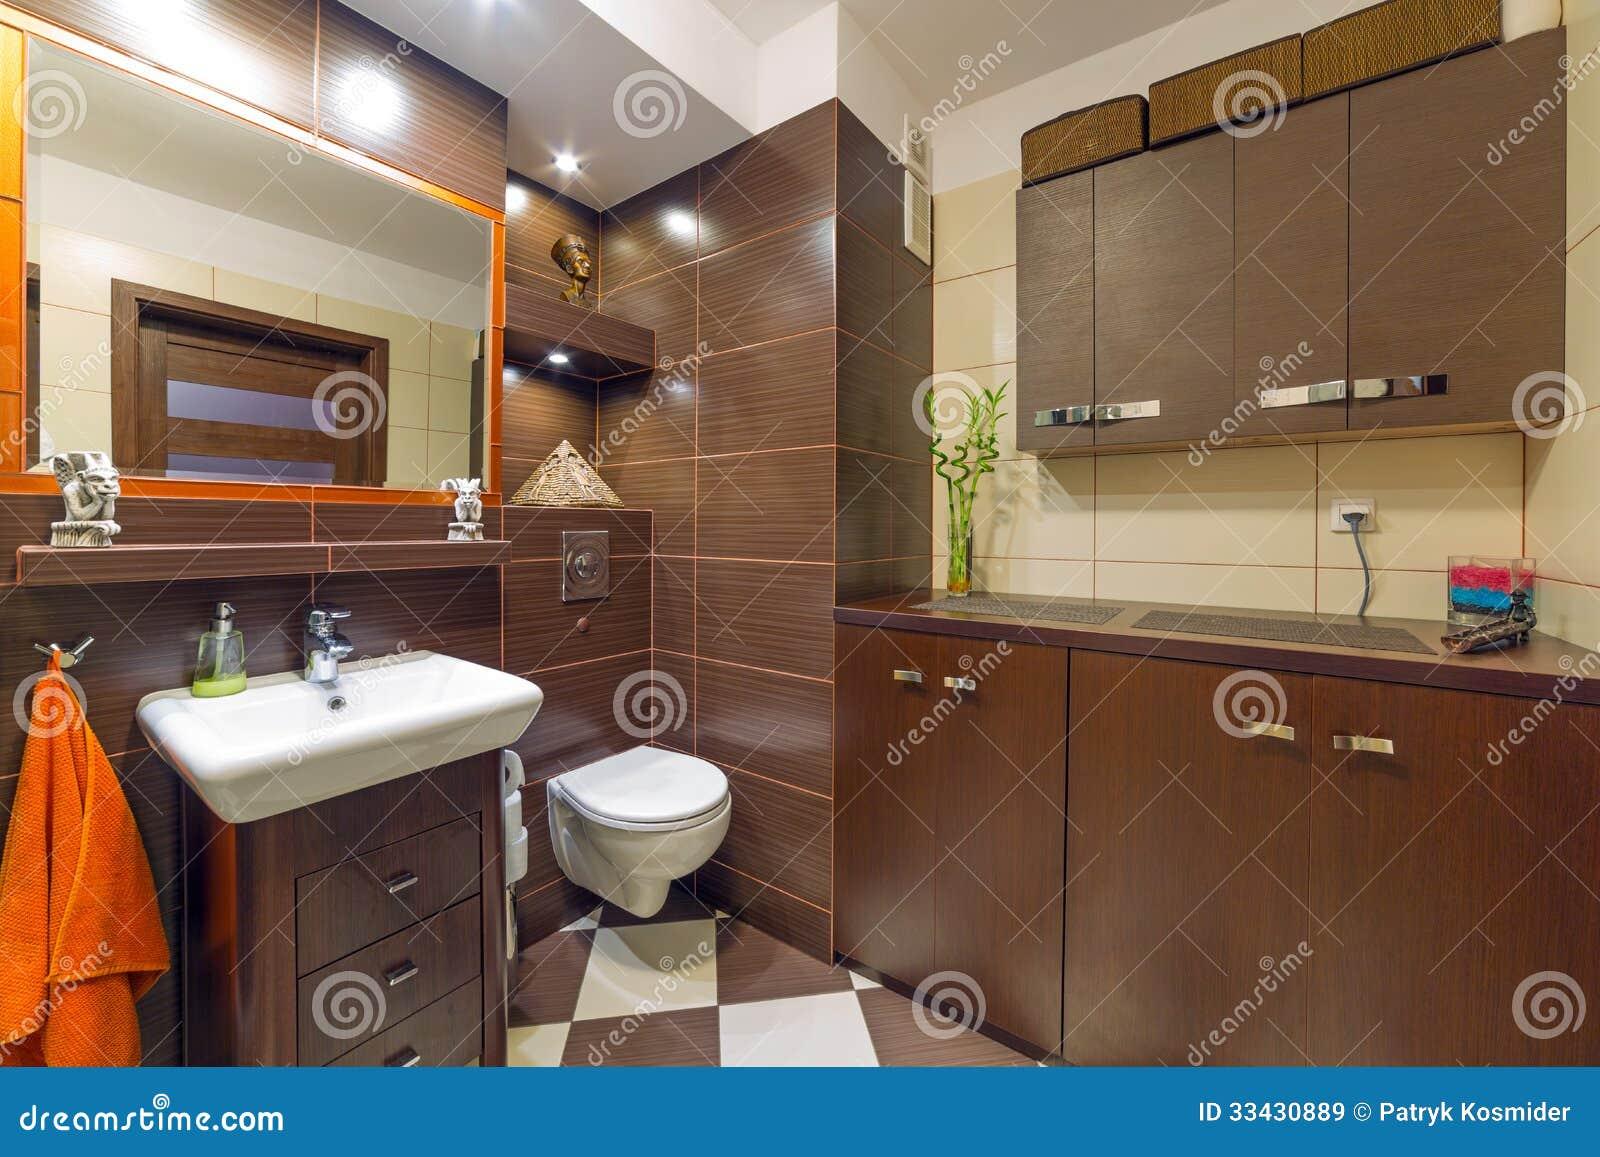 Interni Moderno Bagno Con Mattonelle Parete Trim E Pavimento Di